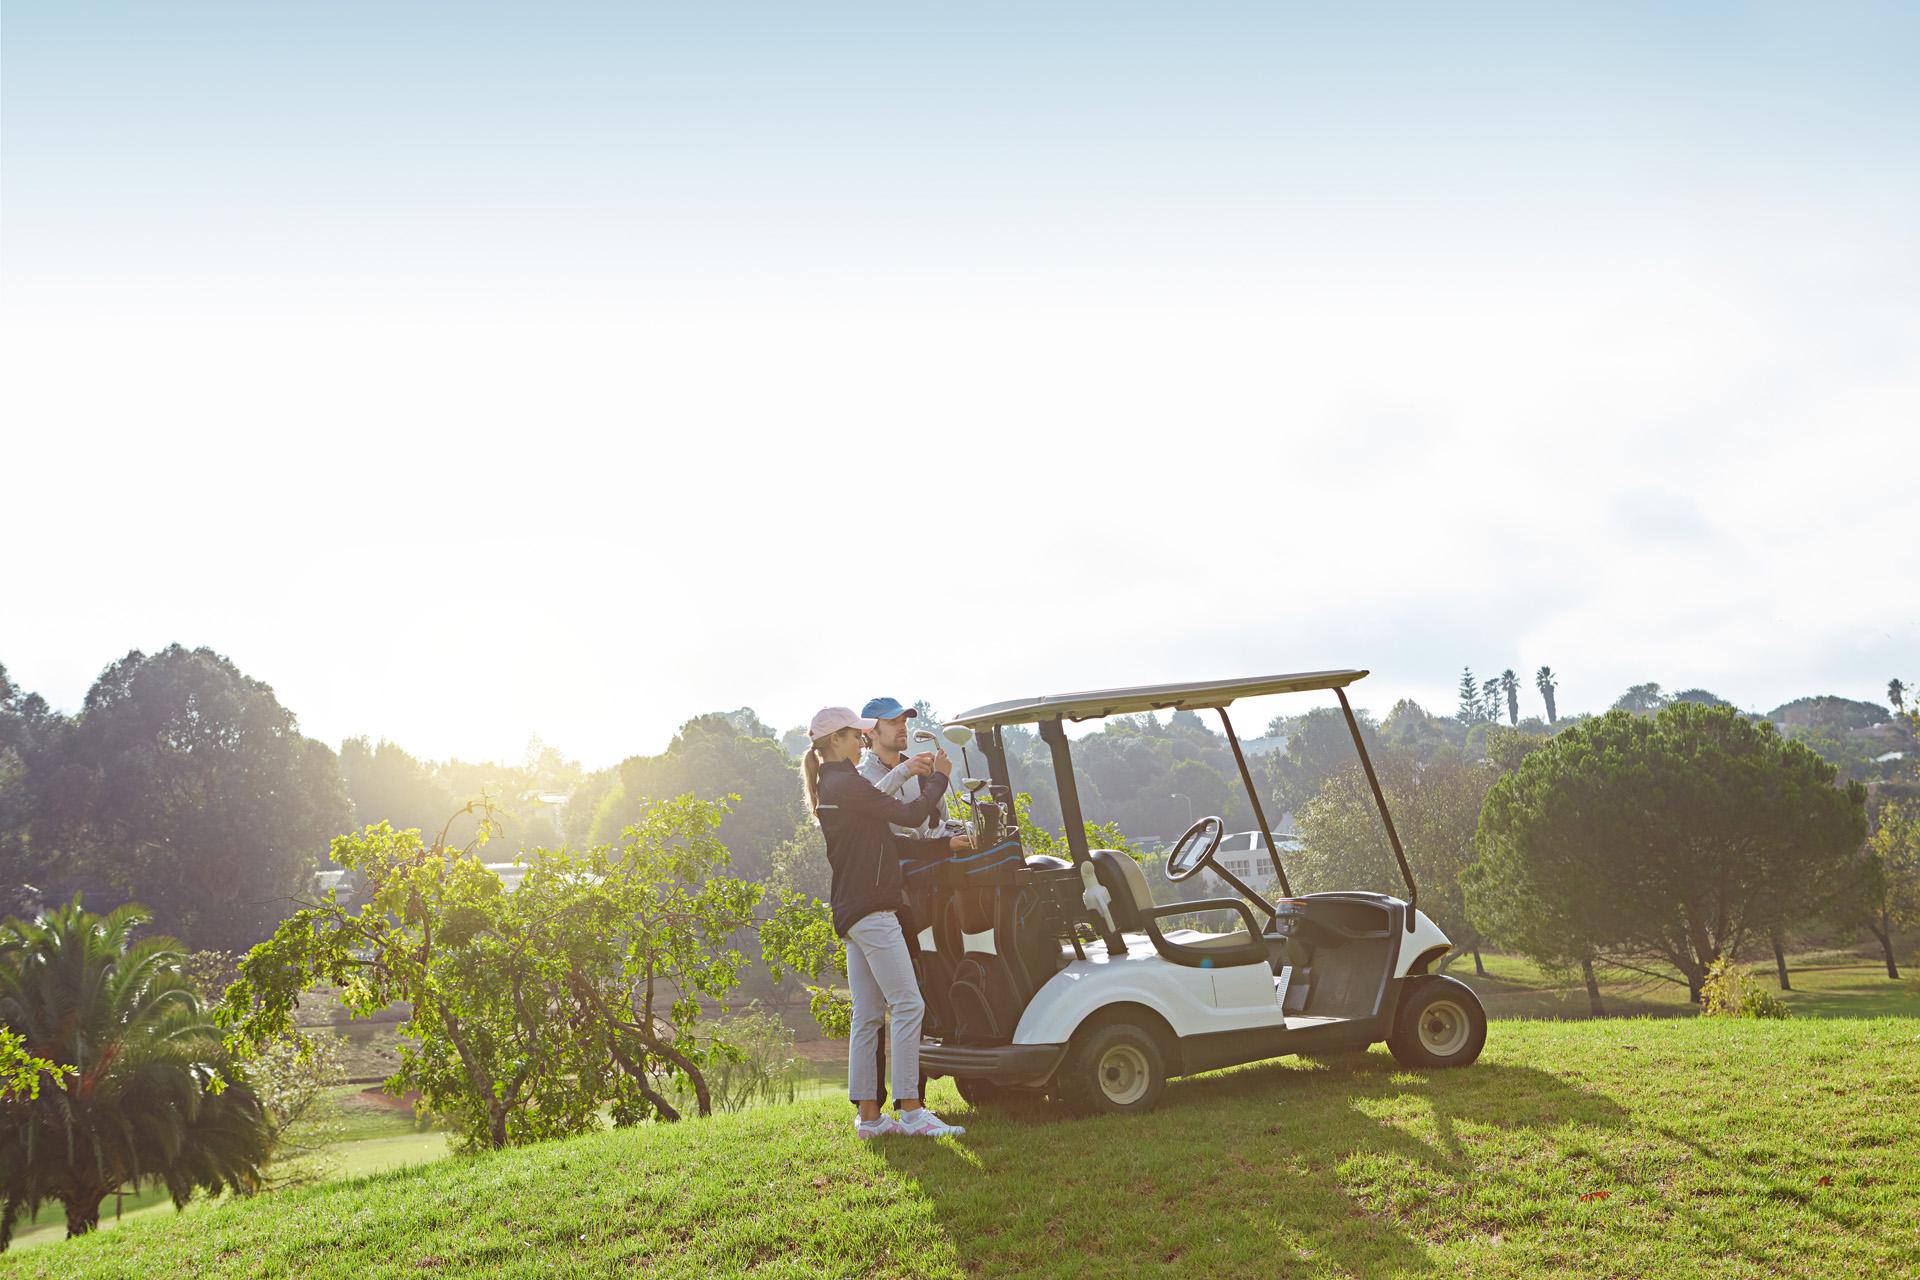 Uitje-met-vriendin-golf